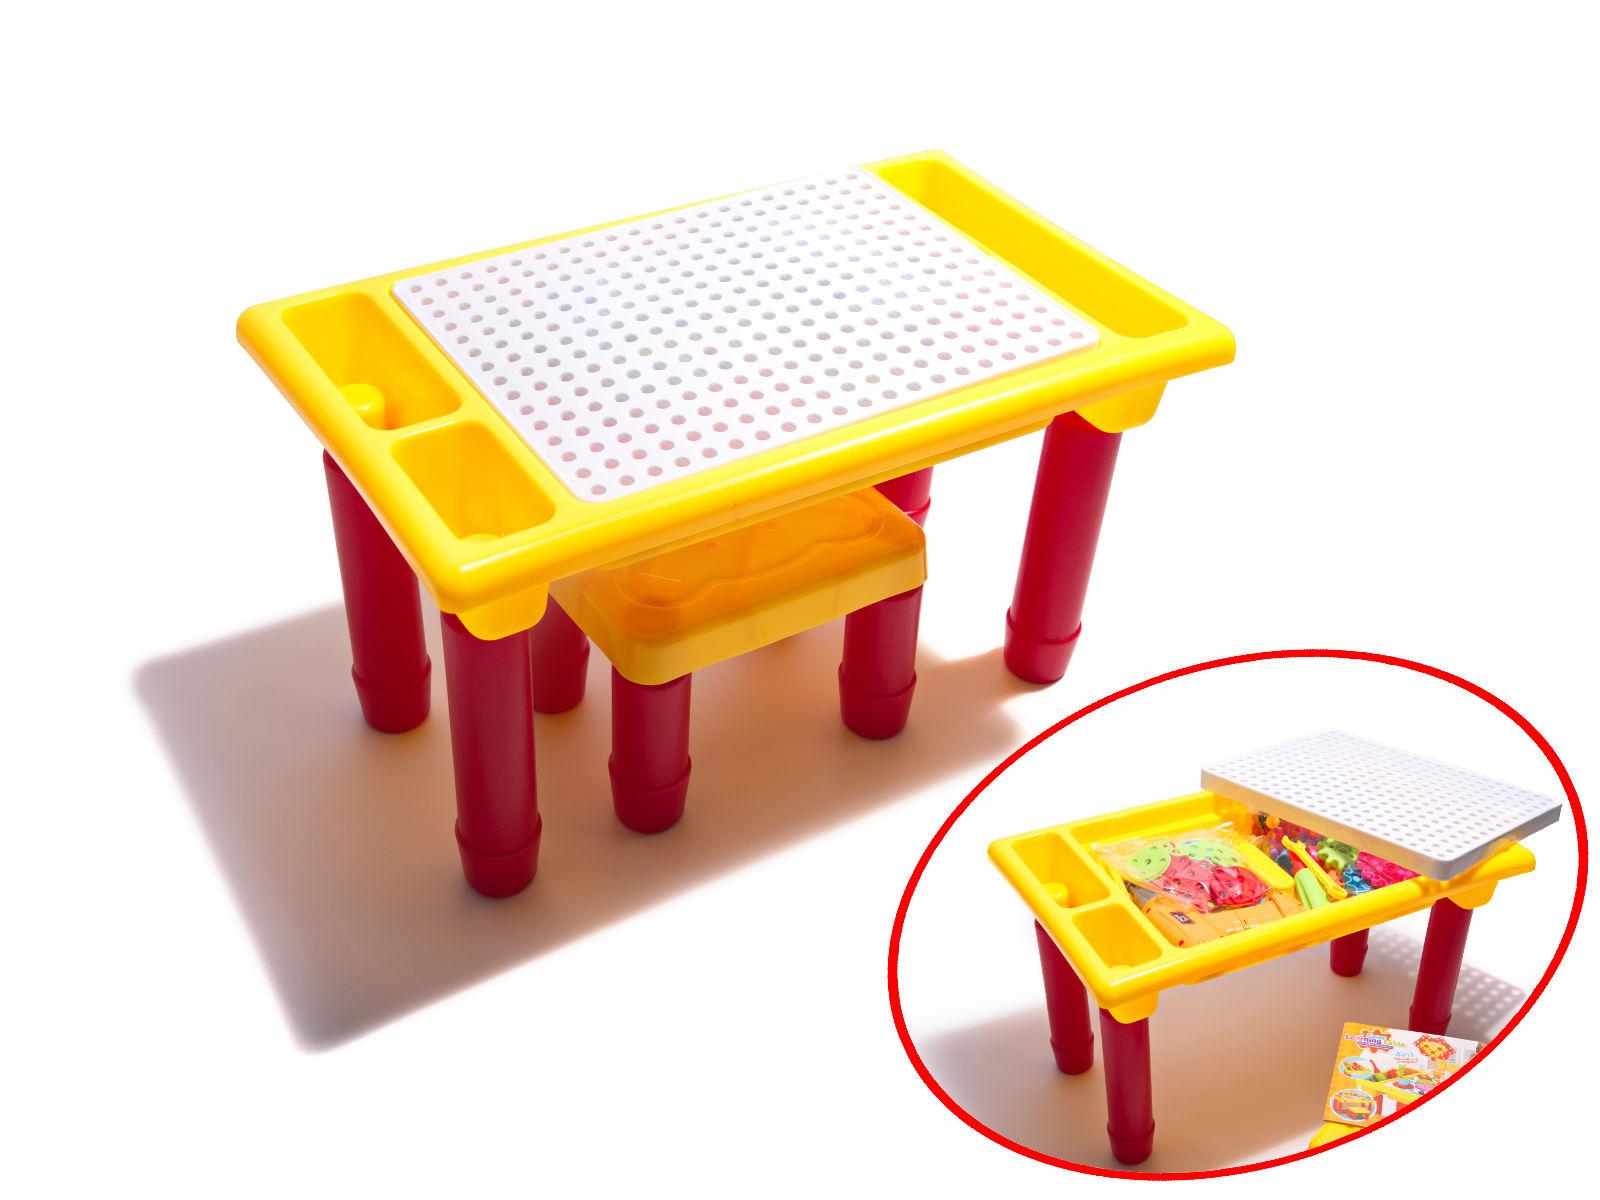 Dětská stavebnice se stolem a vrtačkou